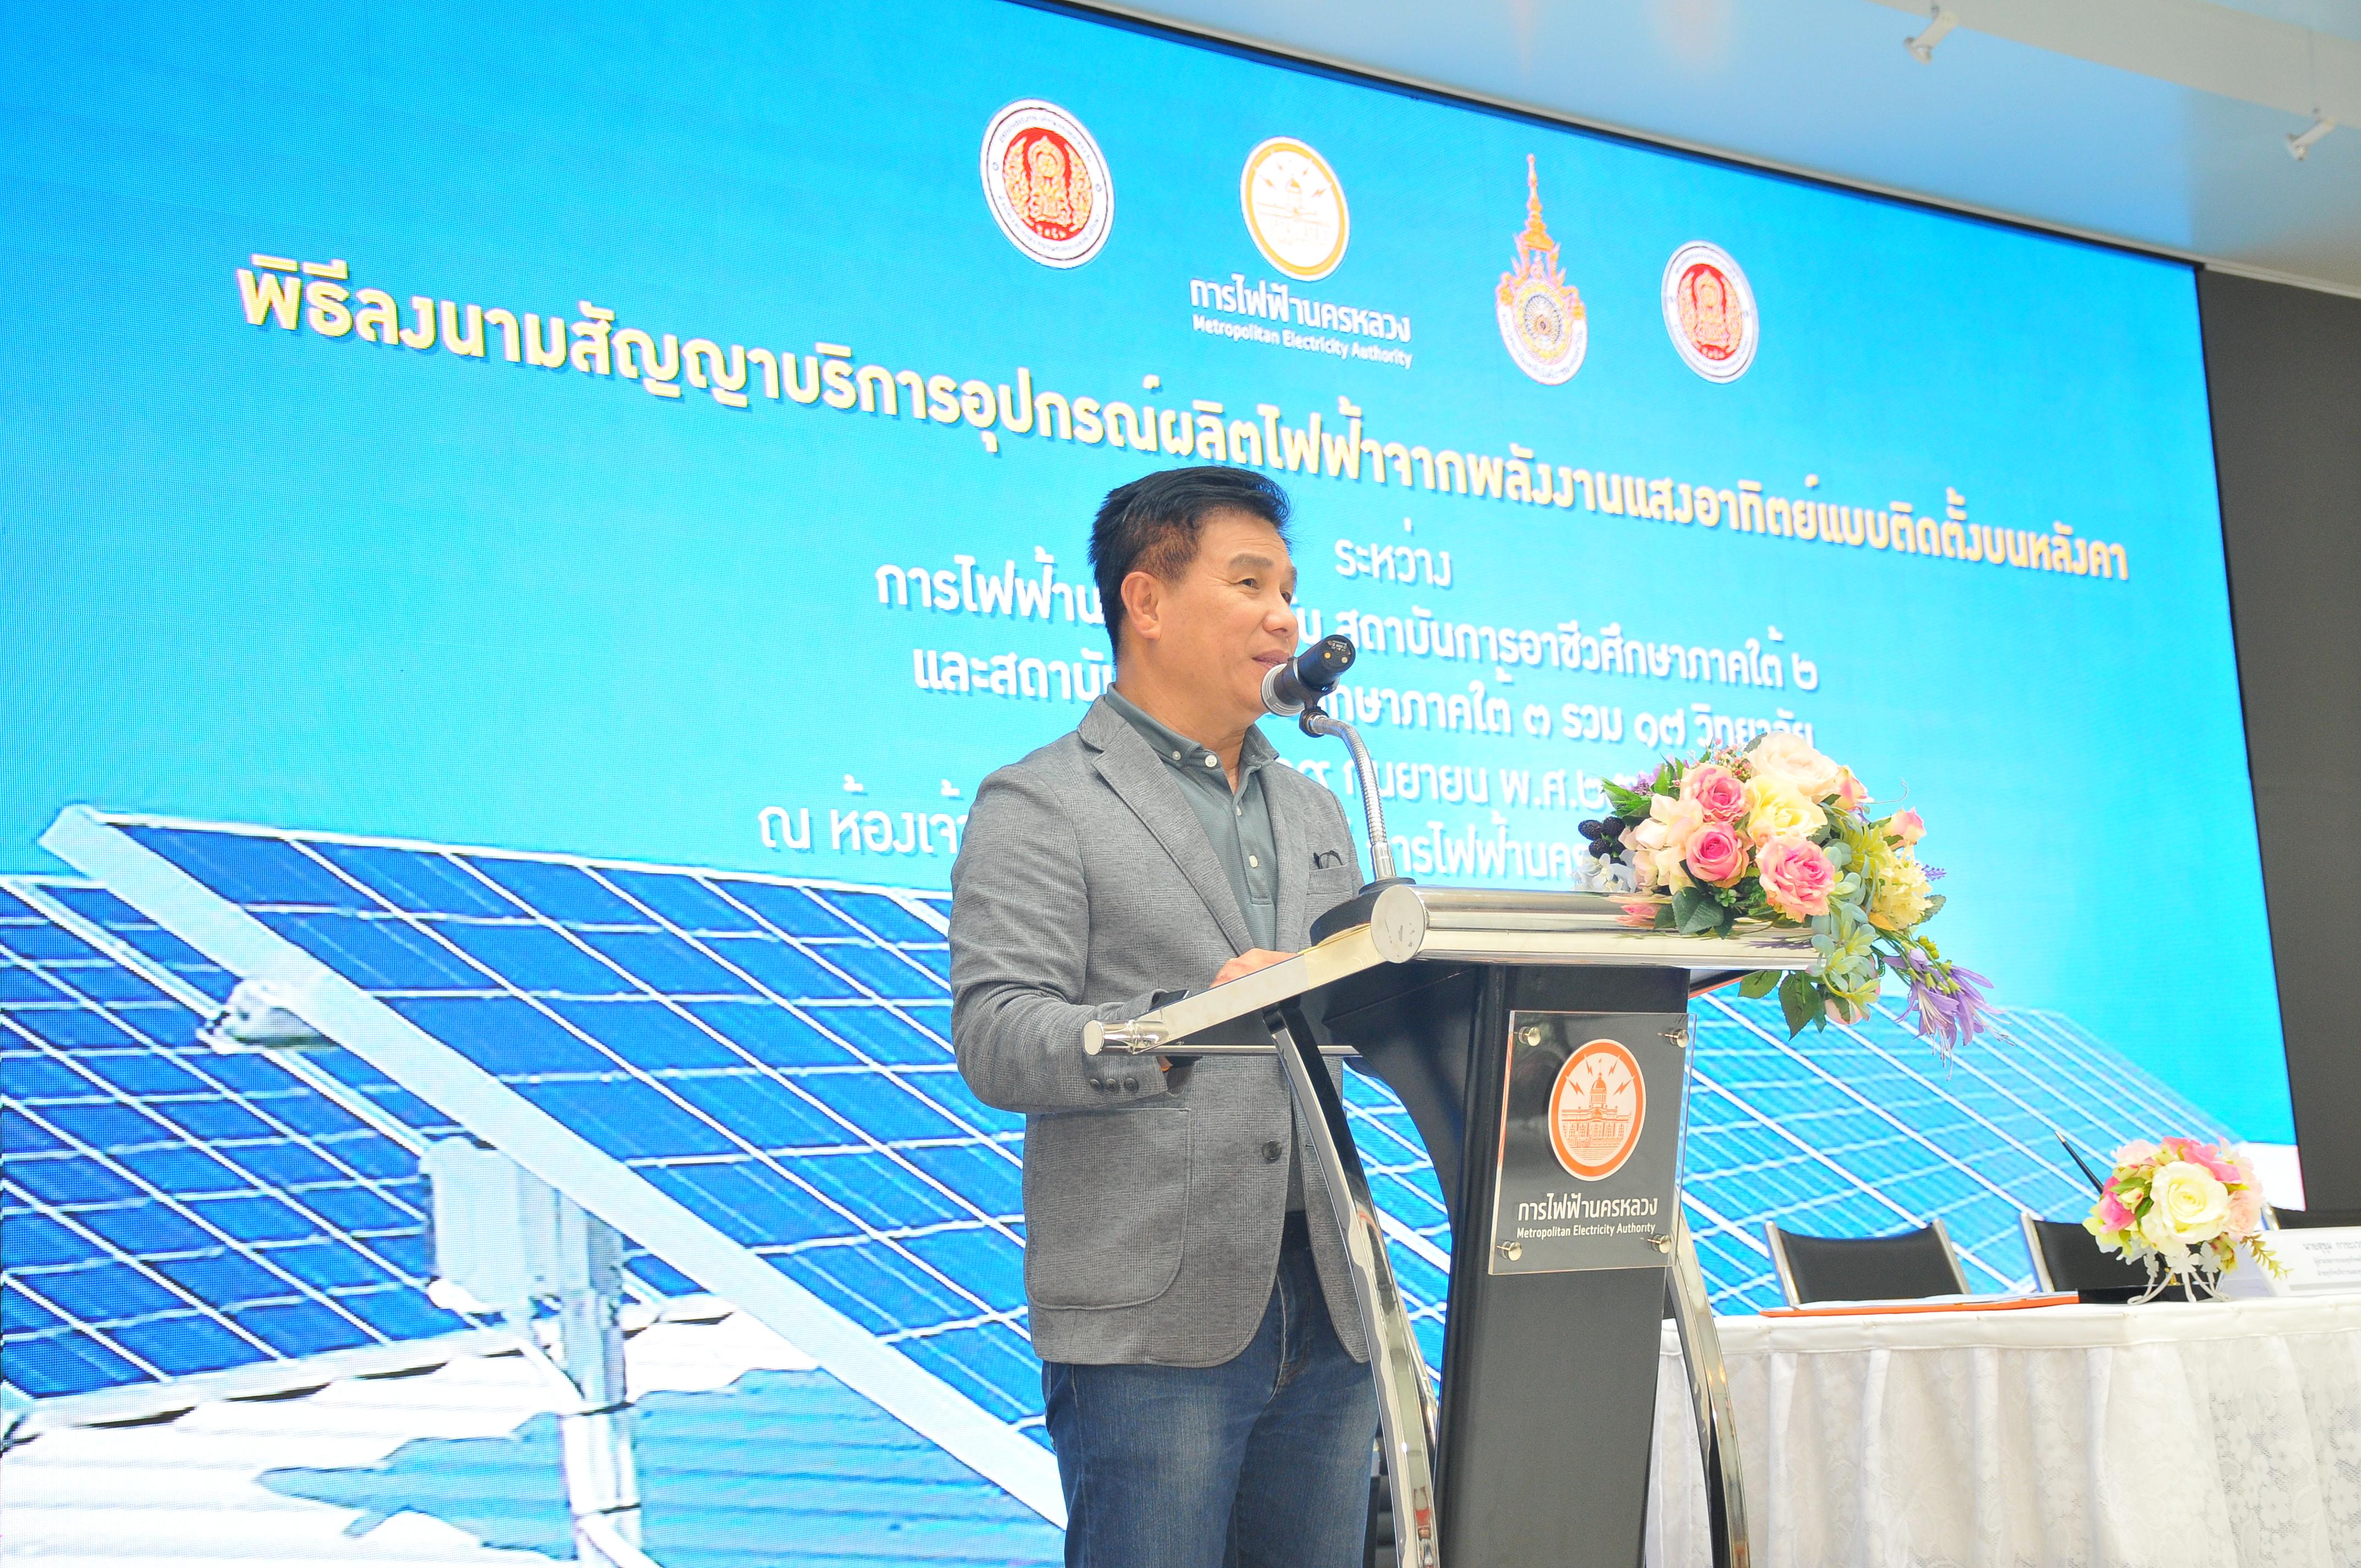 พิธีลงนามติดตั้ง Solar Rooftop